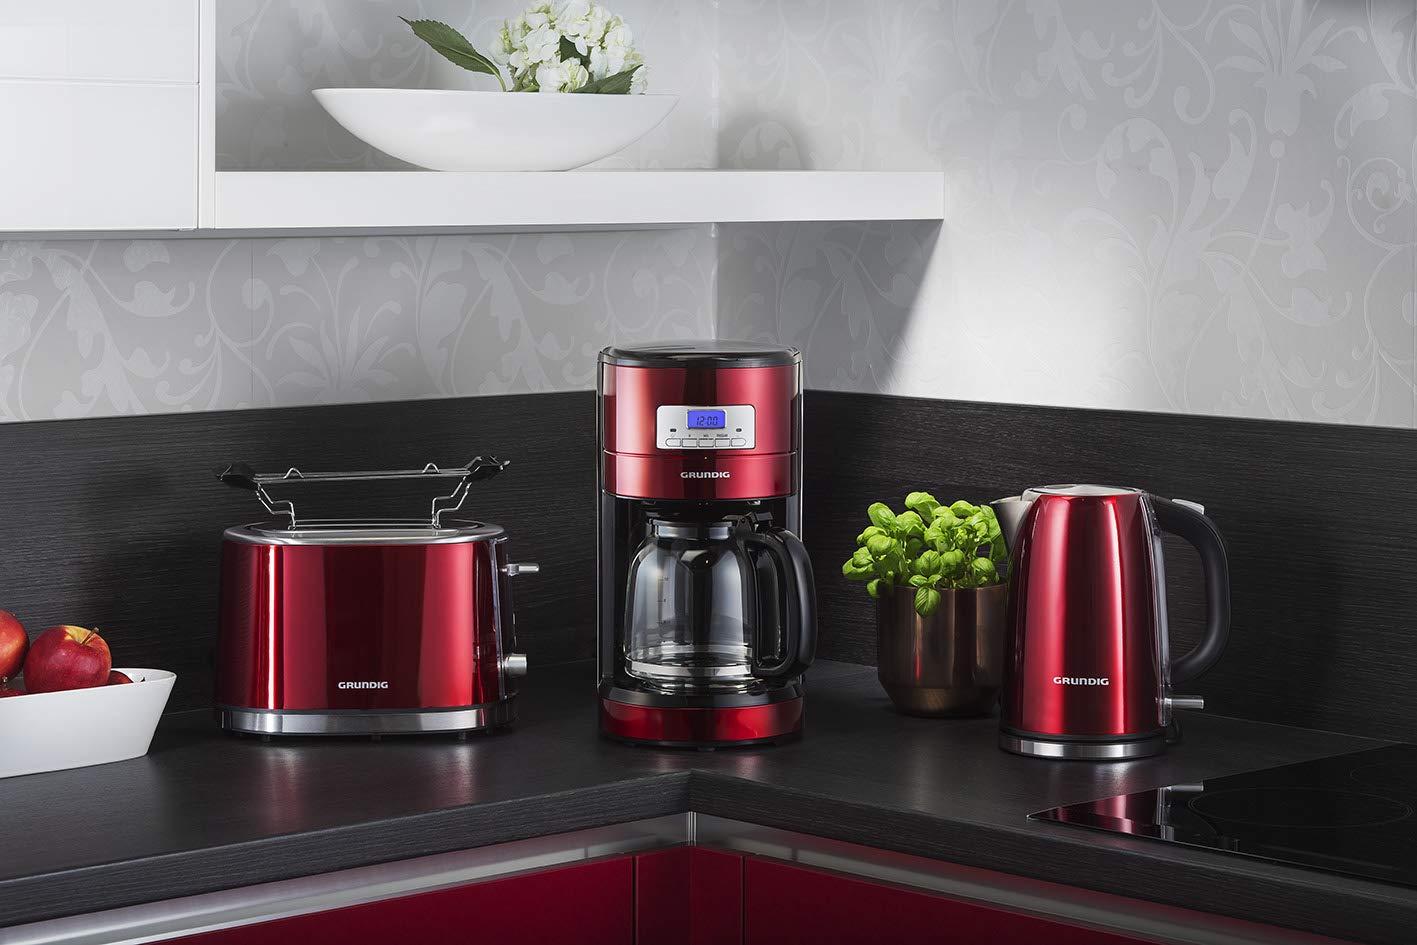 Grundig-KM-6330-Kaffeemaschine-Red-Sense-Digitaluhr-programmierbare-Startzeit-metallic-rot